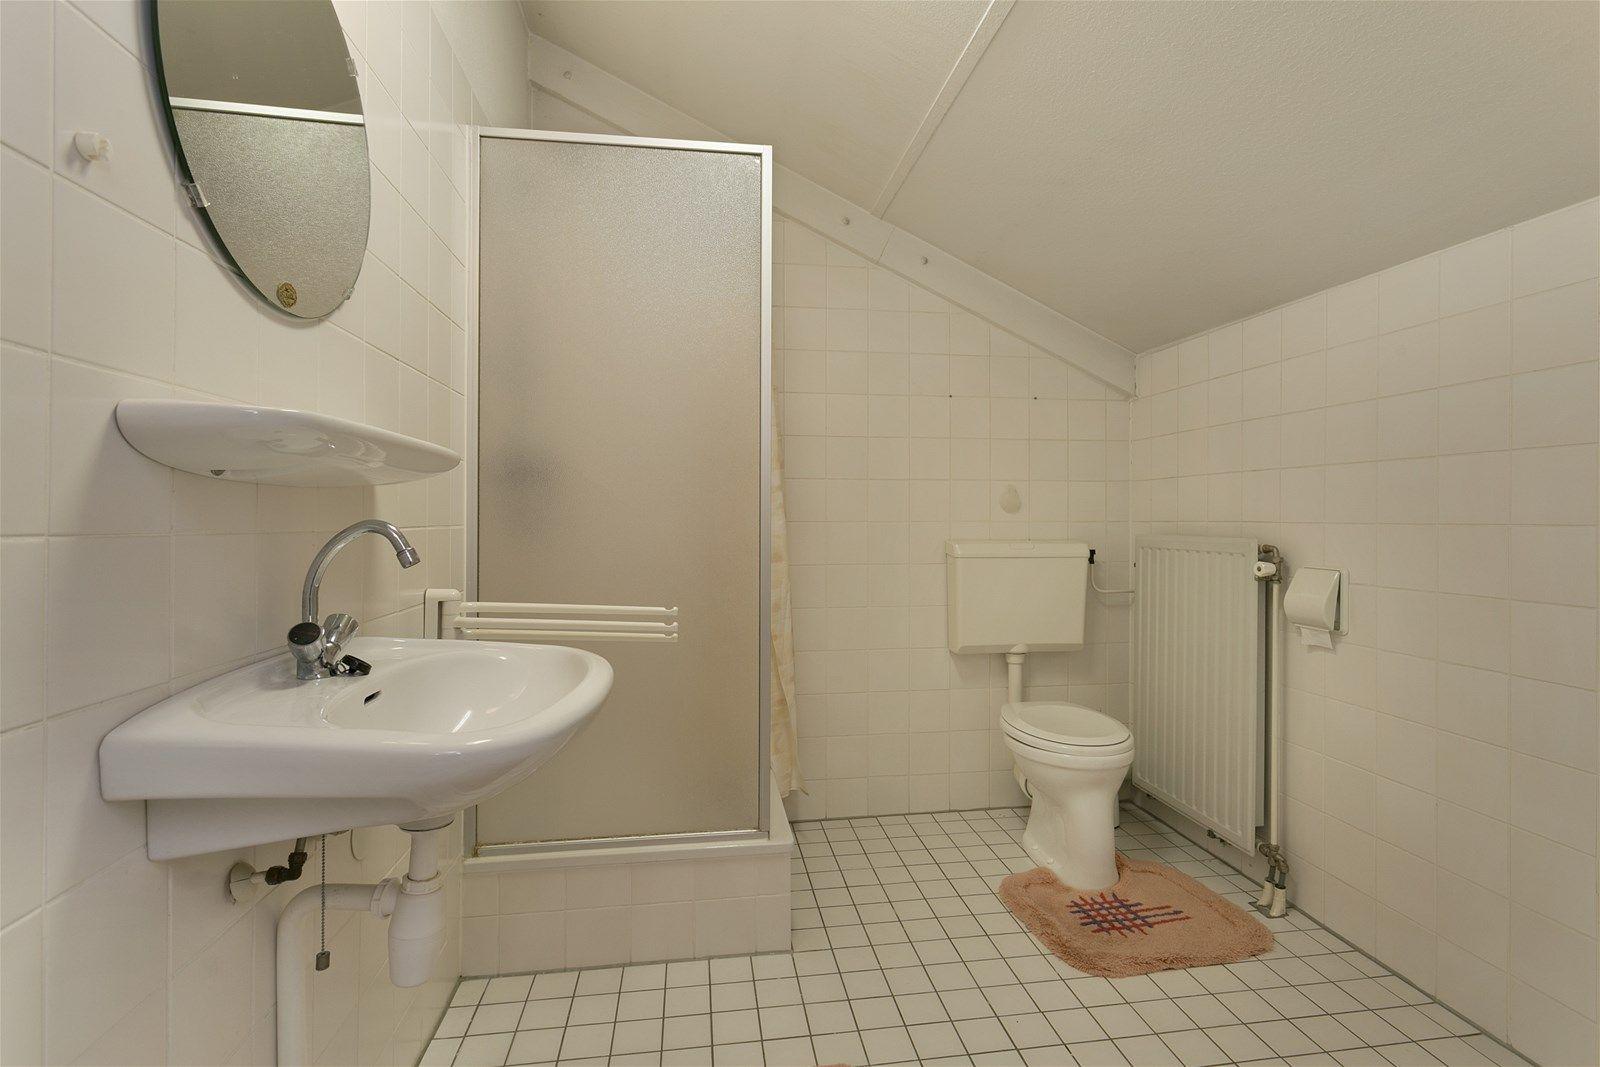 Geschakelde vrijstaande (rolstoelvriendelijke) semi-bungalow welke zeer gunstig is gelegen in een rustige woonwijk nabij het bruisende centrum van Etten-Leur, het NS station, bassischool en diverse uitvalswegen.   De woning heeft op de begane grond o.a. een ruime living met erker, een serre, open keuken en een slaap– en badkamer. De eerste verdieping heeft twee slaapkamers, een inloopkast en een badkamer uitgerust met een douche en toilet.   De voor– en zij tuin zijn beide verzorgd aangelegd waarbij de zij tuin beschikt over diverse terrassen en sierbestrating.   BEGANE GROND Entree/hal met toegang tot de woonkamer, toiletruimte en inpandige garage. Middels een vaste trap is de eerste verdieping bereikbaar. Afwerking- tegelvloer. Spachtelputz wanden en een spuitwerk plafond. Meterkast- 8 groepen, aardlekschakelaar en kookgroep.  Toiletruimte met fonteintje. Afwerking- tegelvloer, betegelde wanden en een spuitwerk plafond.  Living met erker en openslaande deuren naar de serre. De ruimte beschikt over een trap/voorraadkast en gaskachel. Afwerking- tegelvloer, Spachtelputz wanden en een spuitwerk plafond.  Serre met schuifpui naar de tuin en een uitschuifbaar dak. Afwerking- tegelvloer, schoonmetselwerk wanden en een licht doorlatend kunststof platen dak.  Open keuken in hoekopstelling uitgerust met een granieten aanrechtblad, spoelbak, keramische kookplaat, combimagnetron, vaatwasser, pannencarrousel en afzuigkap. Afwerking- tegelvloer, Spachtelputz wanden en een spuitwerk plafond.  Slaapkamer met openslaande deuren naar de serre en toegang tot de badkamer. Afwerking- tegelvloer, Spachtelputz wanden en een spuitwerk plafond.  Nette badkamer uitgerust met een inloopdouche met thermostaatkraan, toilet, wastafel met meubel en designradiator. De ruimte geeft toegang tot de slaapkamer en tussenportaal. Afwerking- tegelvloer, betegelde wanden en een spuitwerk plafond.  EERSTE VERDIEPING Overloop met toegang tot twee slaapkamers, de badkamer en een inloopkast. Afwerking- lam